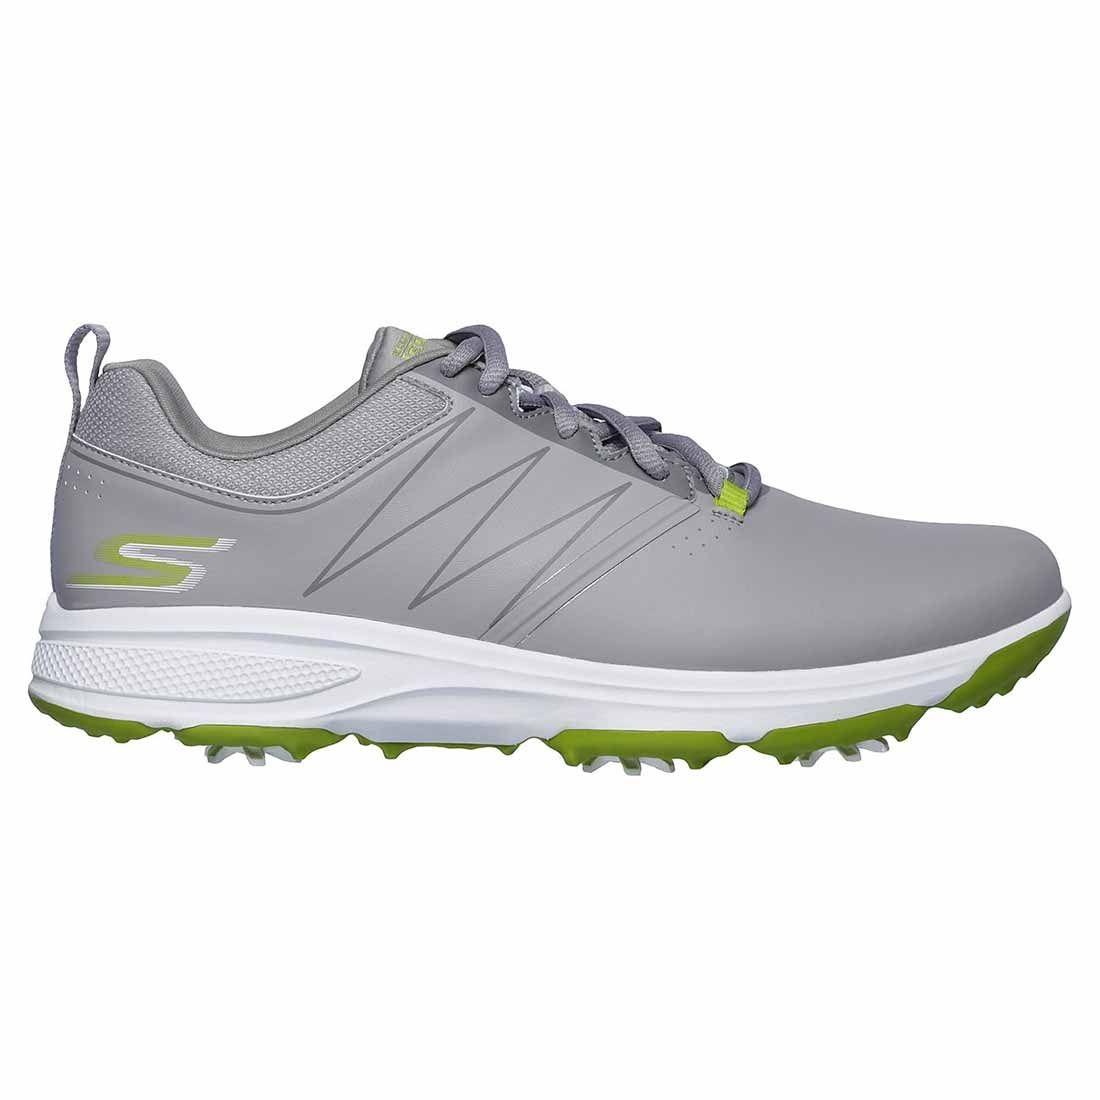 Buy Skechers GO GOLF Torque Golf Shoes